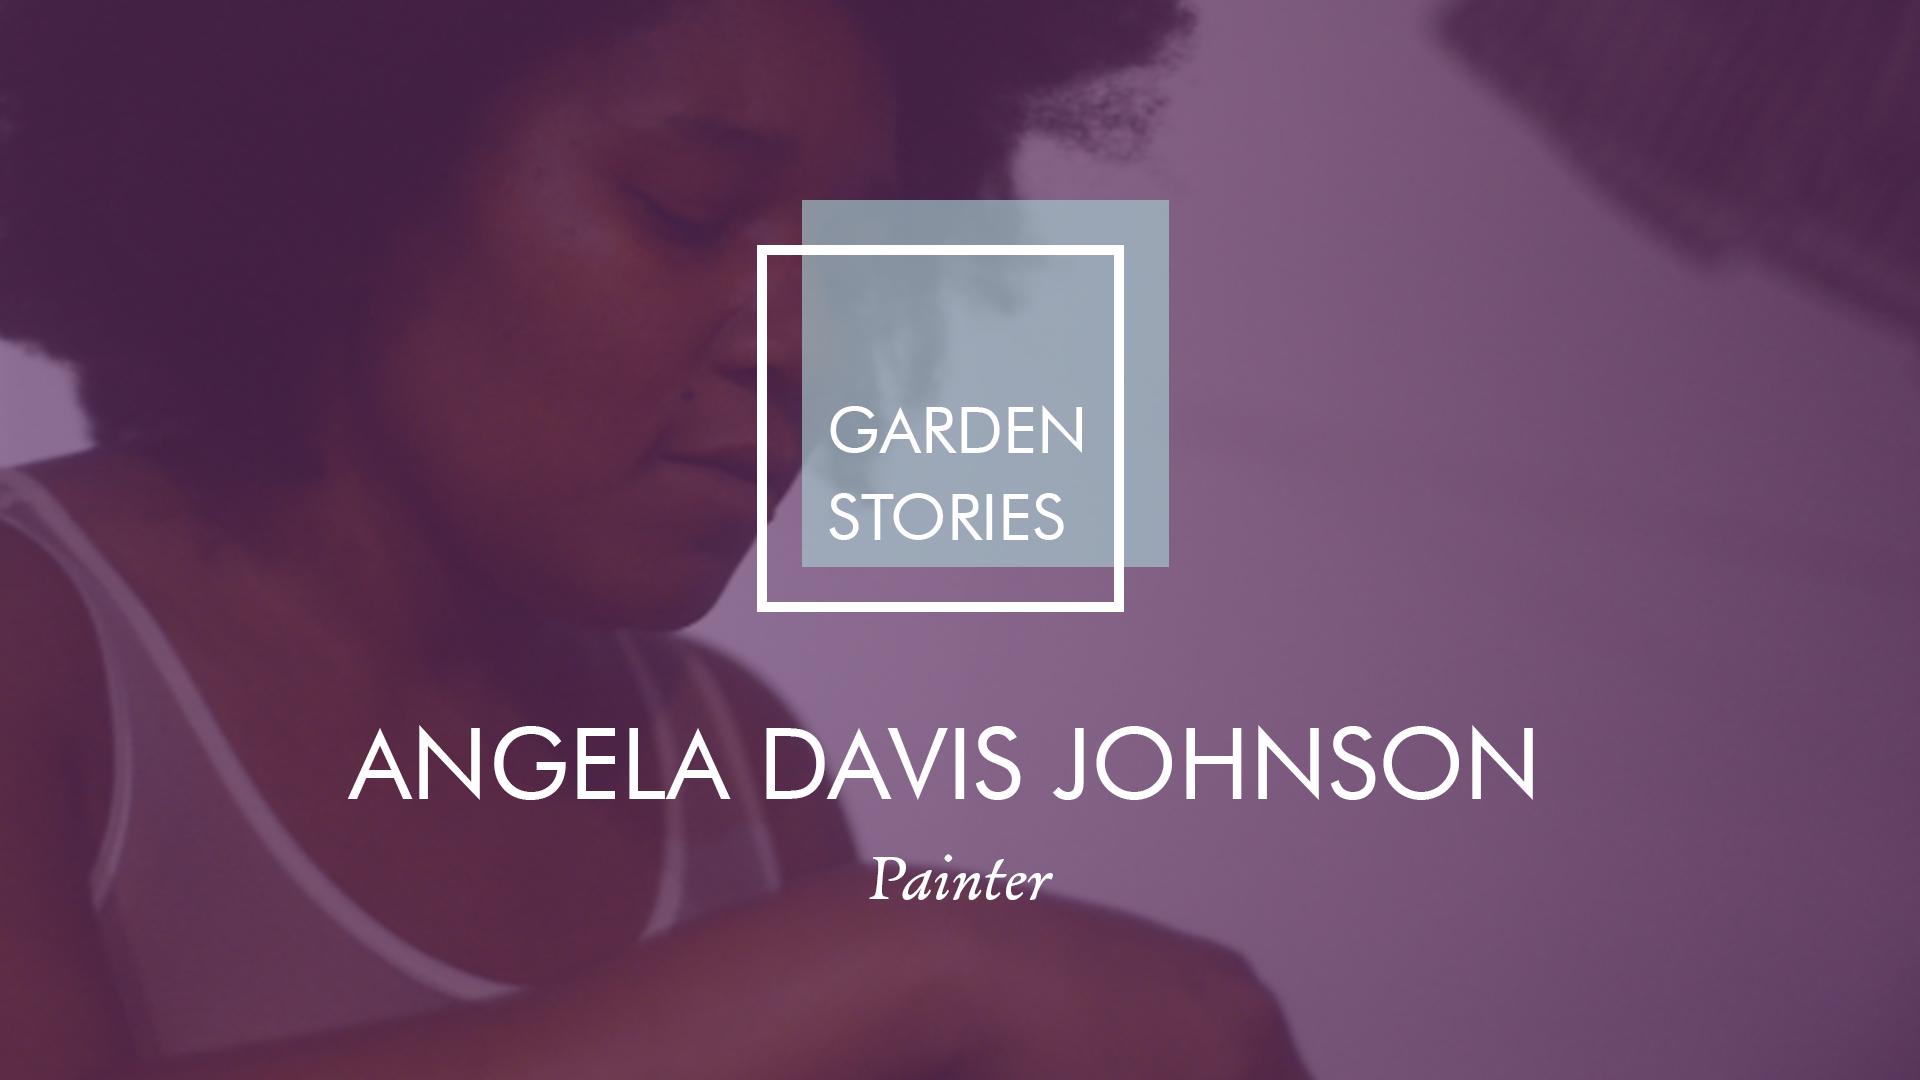 Garden Stories: Angela Davis Johnson